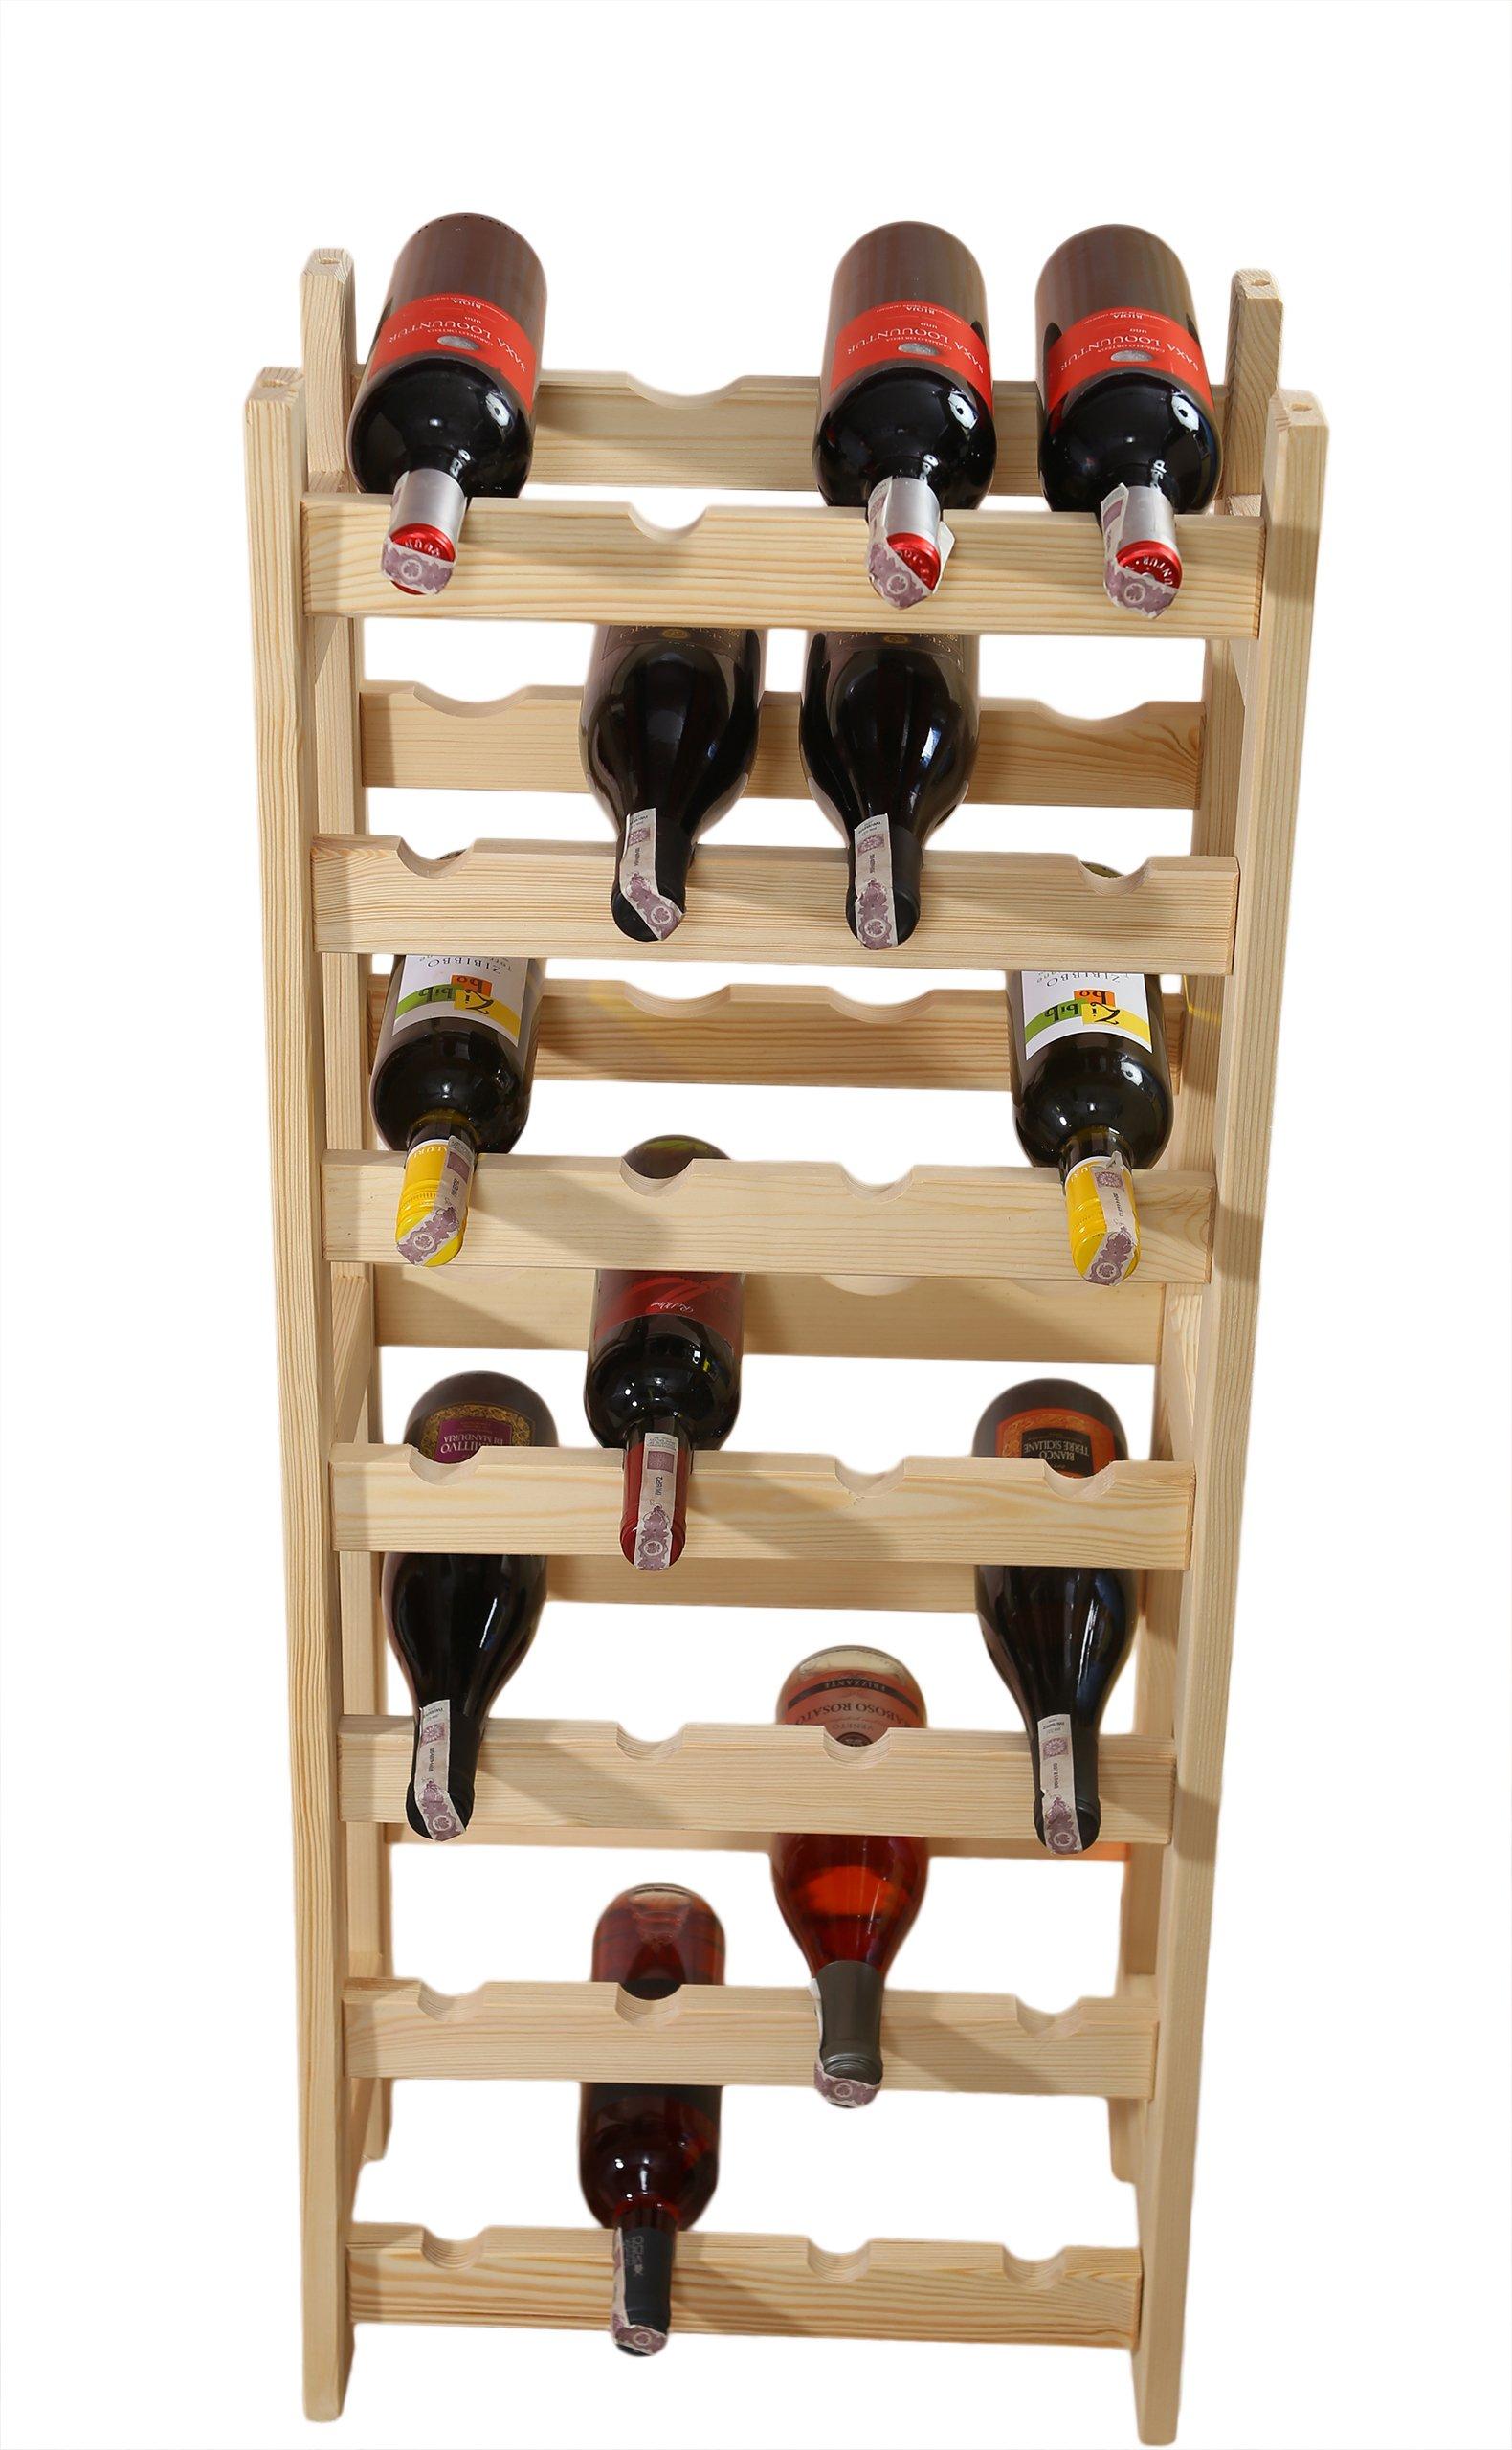 Стеллажи, винный стеллаж 28 бутылок (4х7), производитель